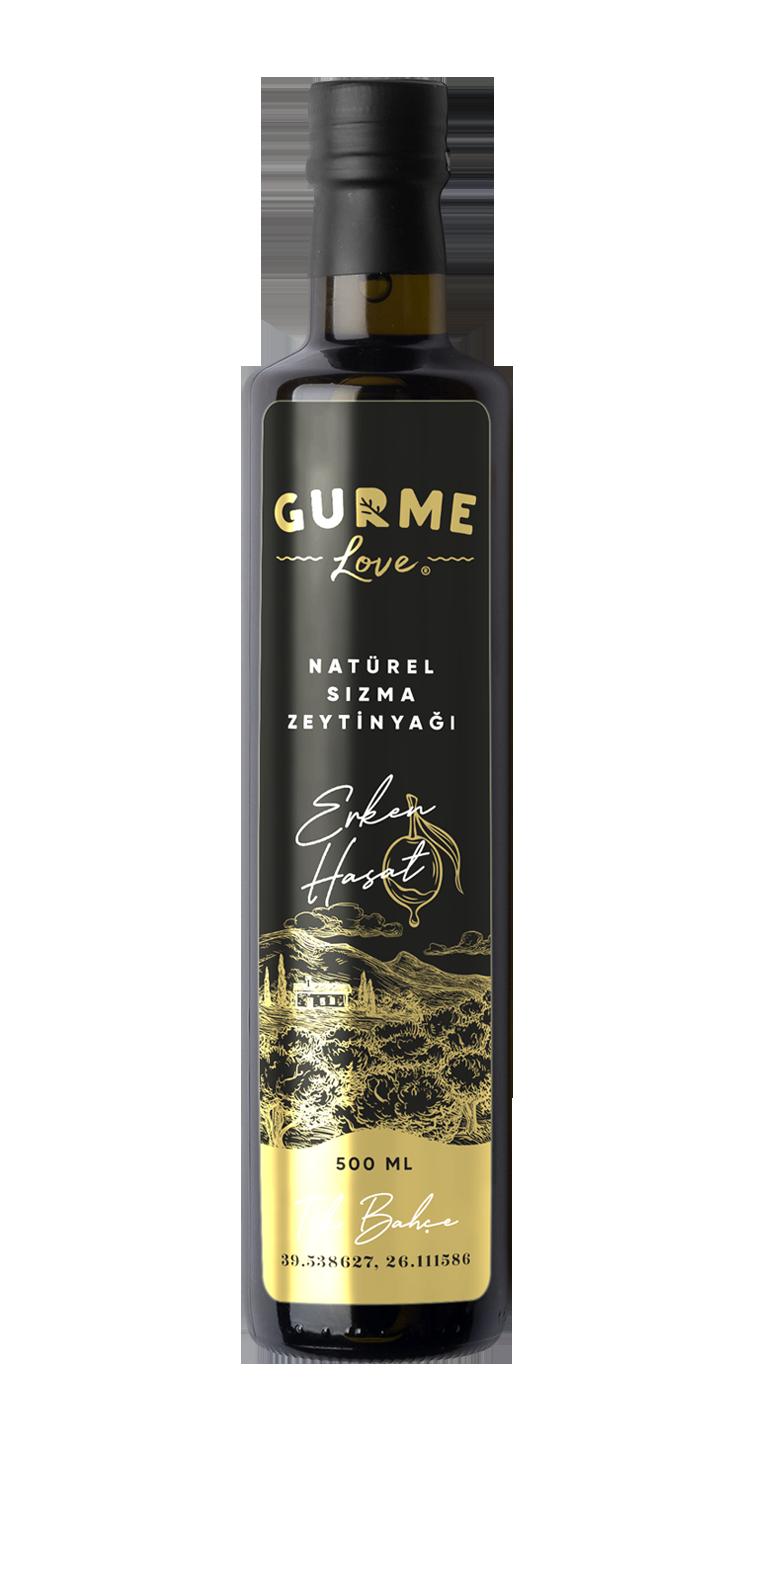 gurmelove-500-ml-naturel-sizma-zeytinyagi